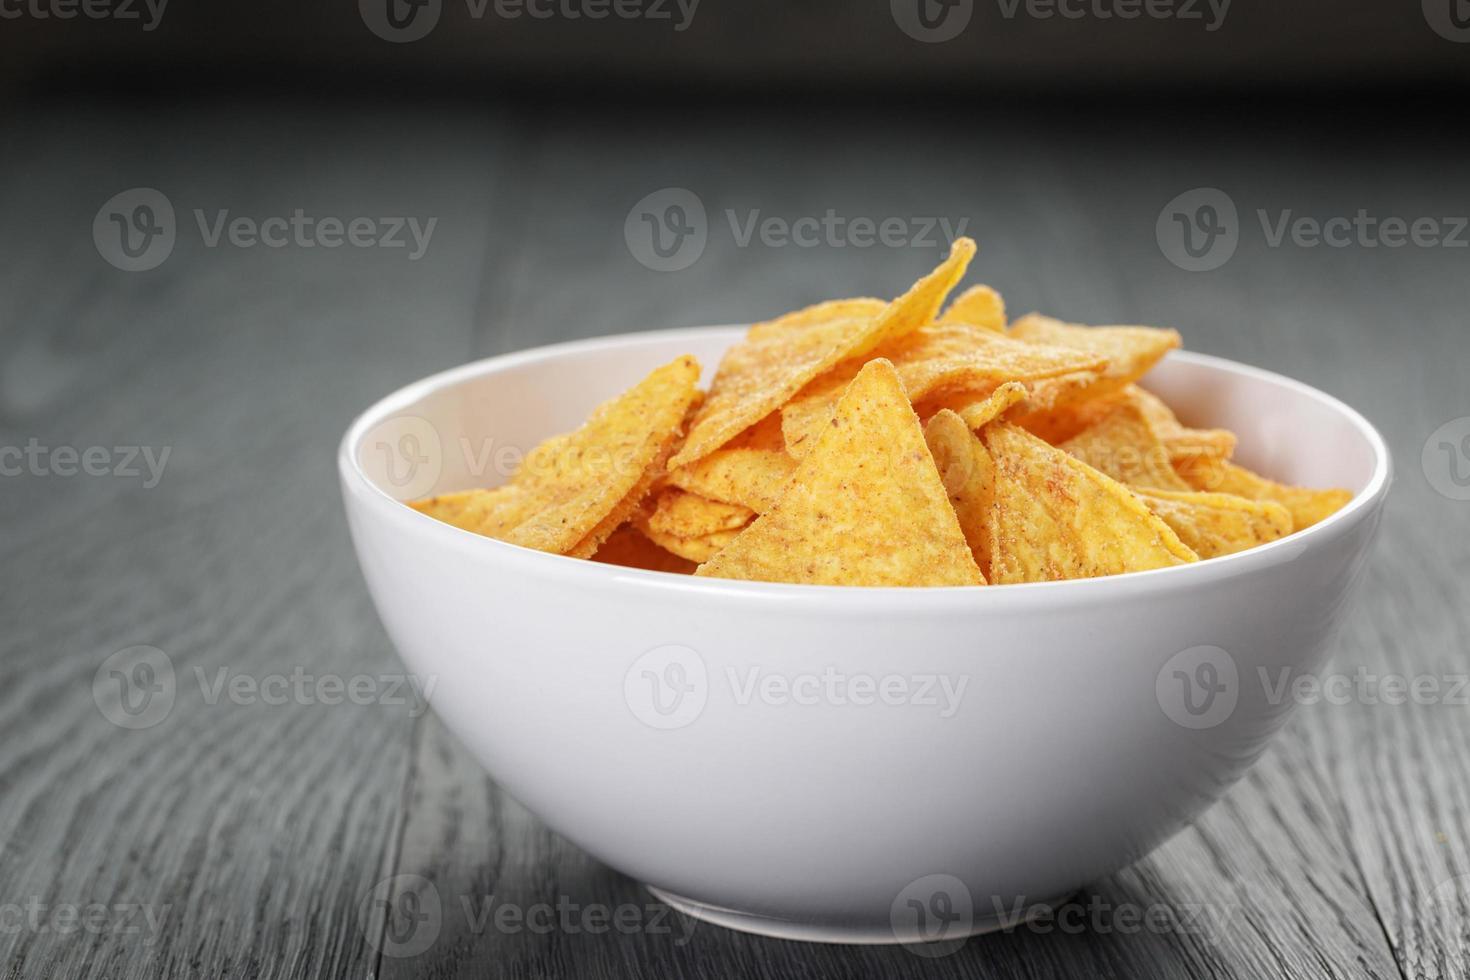 tortilla chips in una ciotola bianca con salsa di pomodoro sul tavolo foto